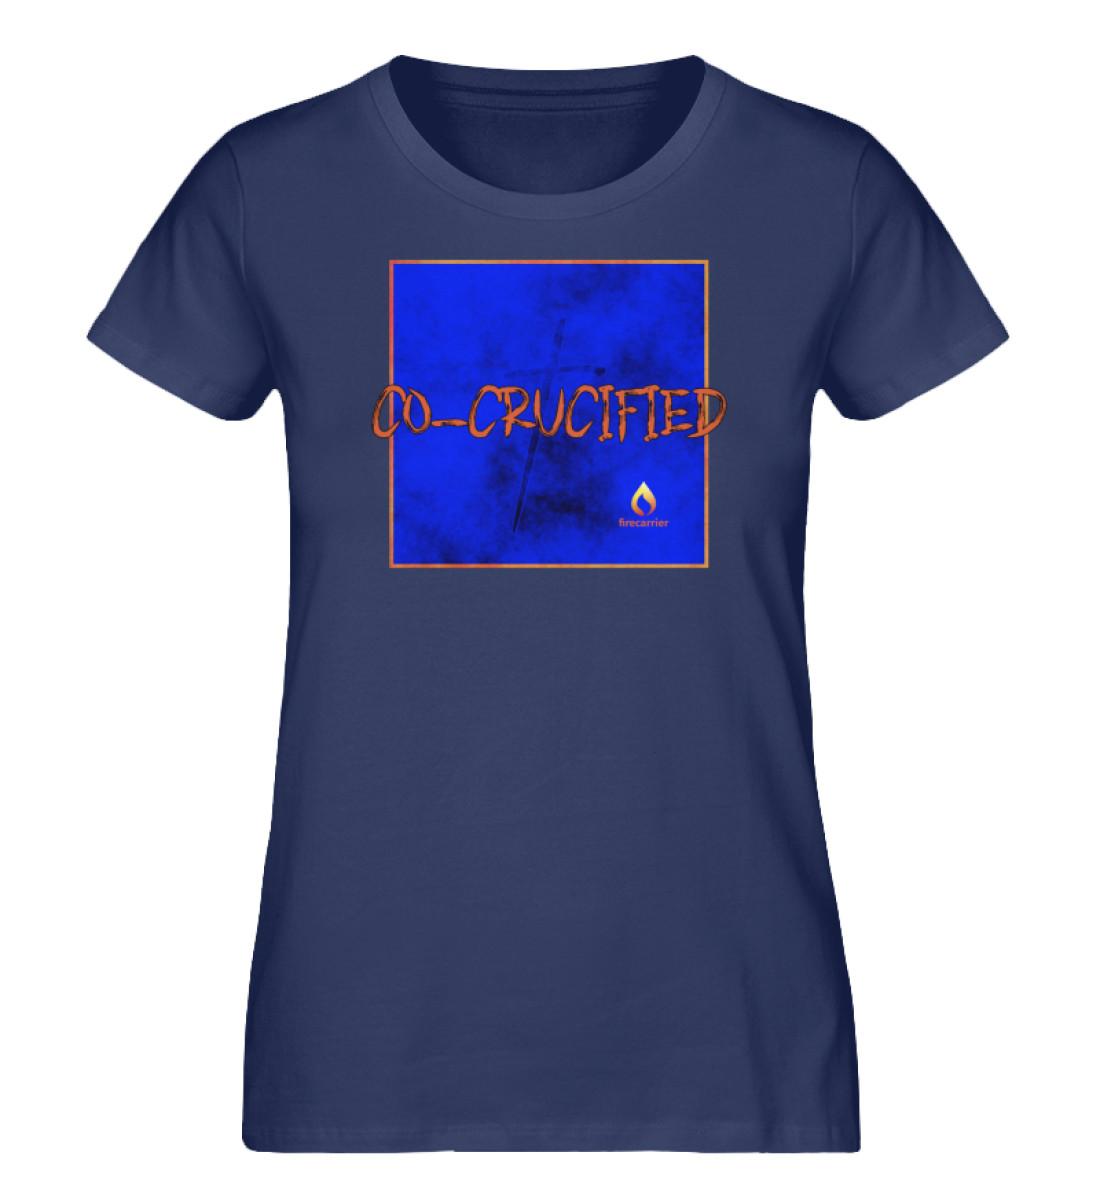 cocrucified - Ladies Premium Organic Shirt-6057